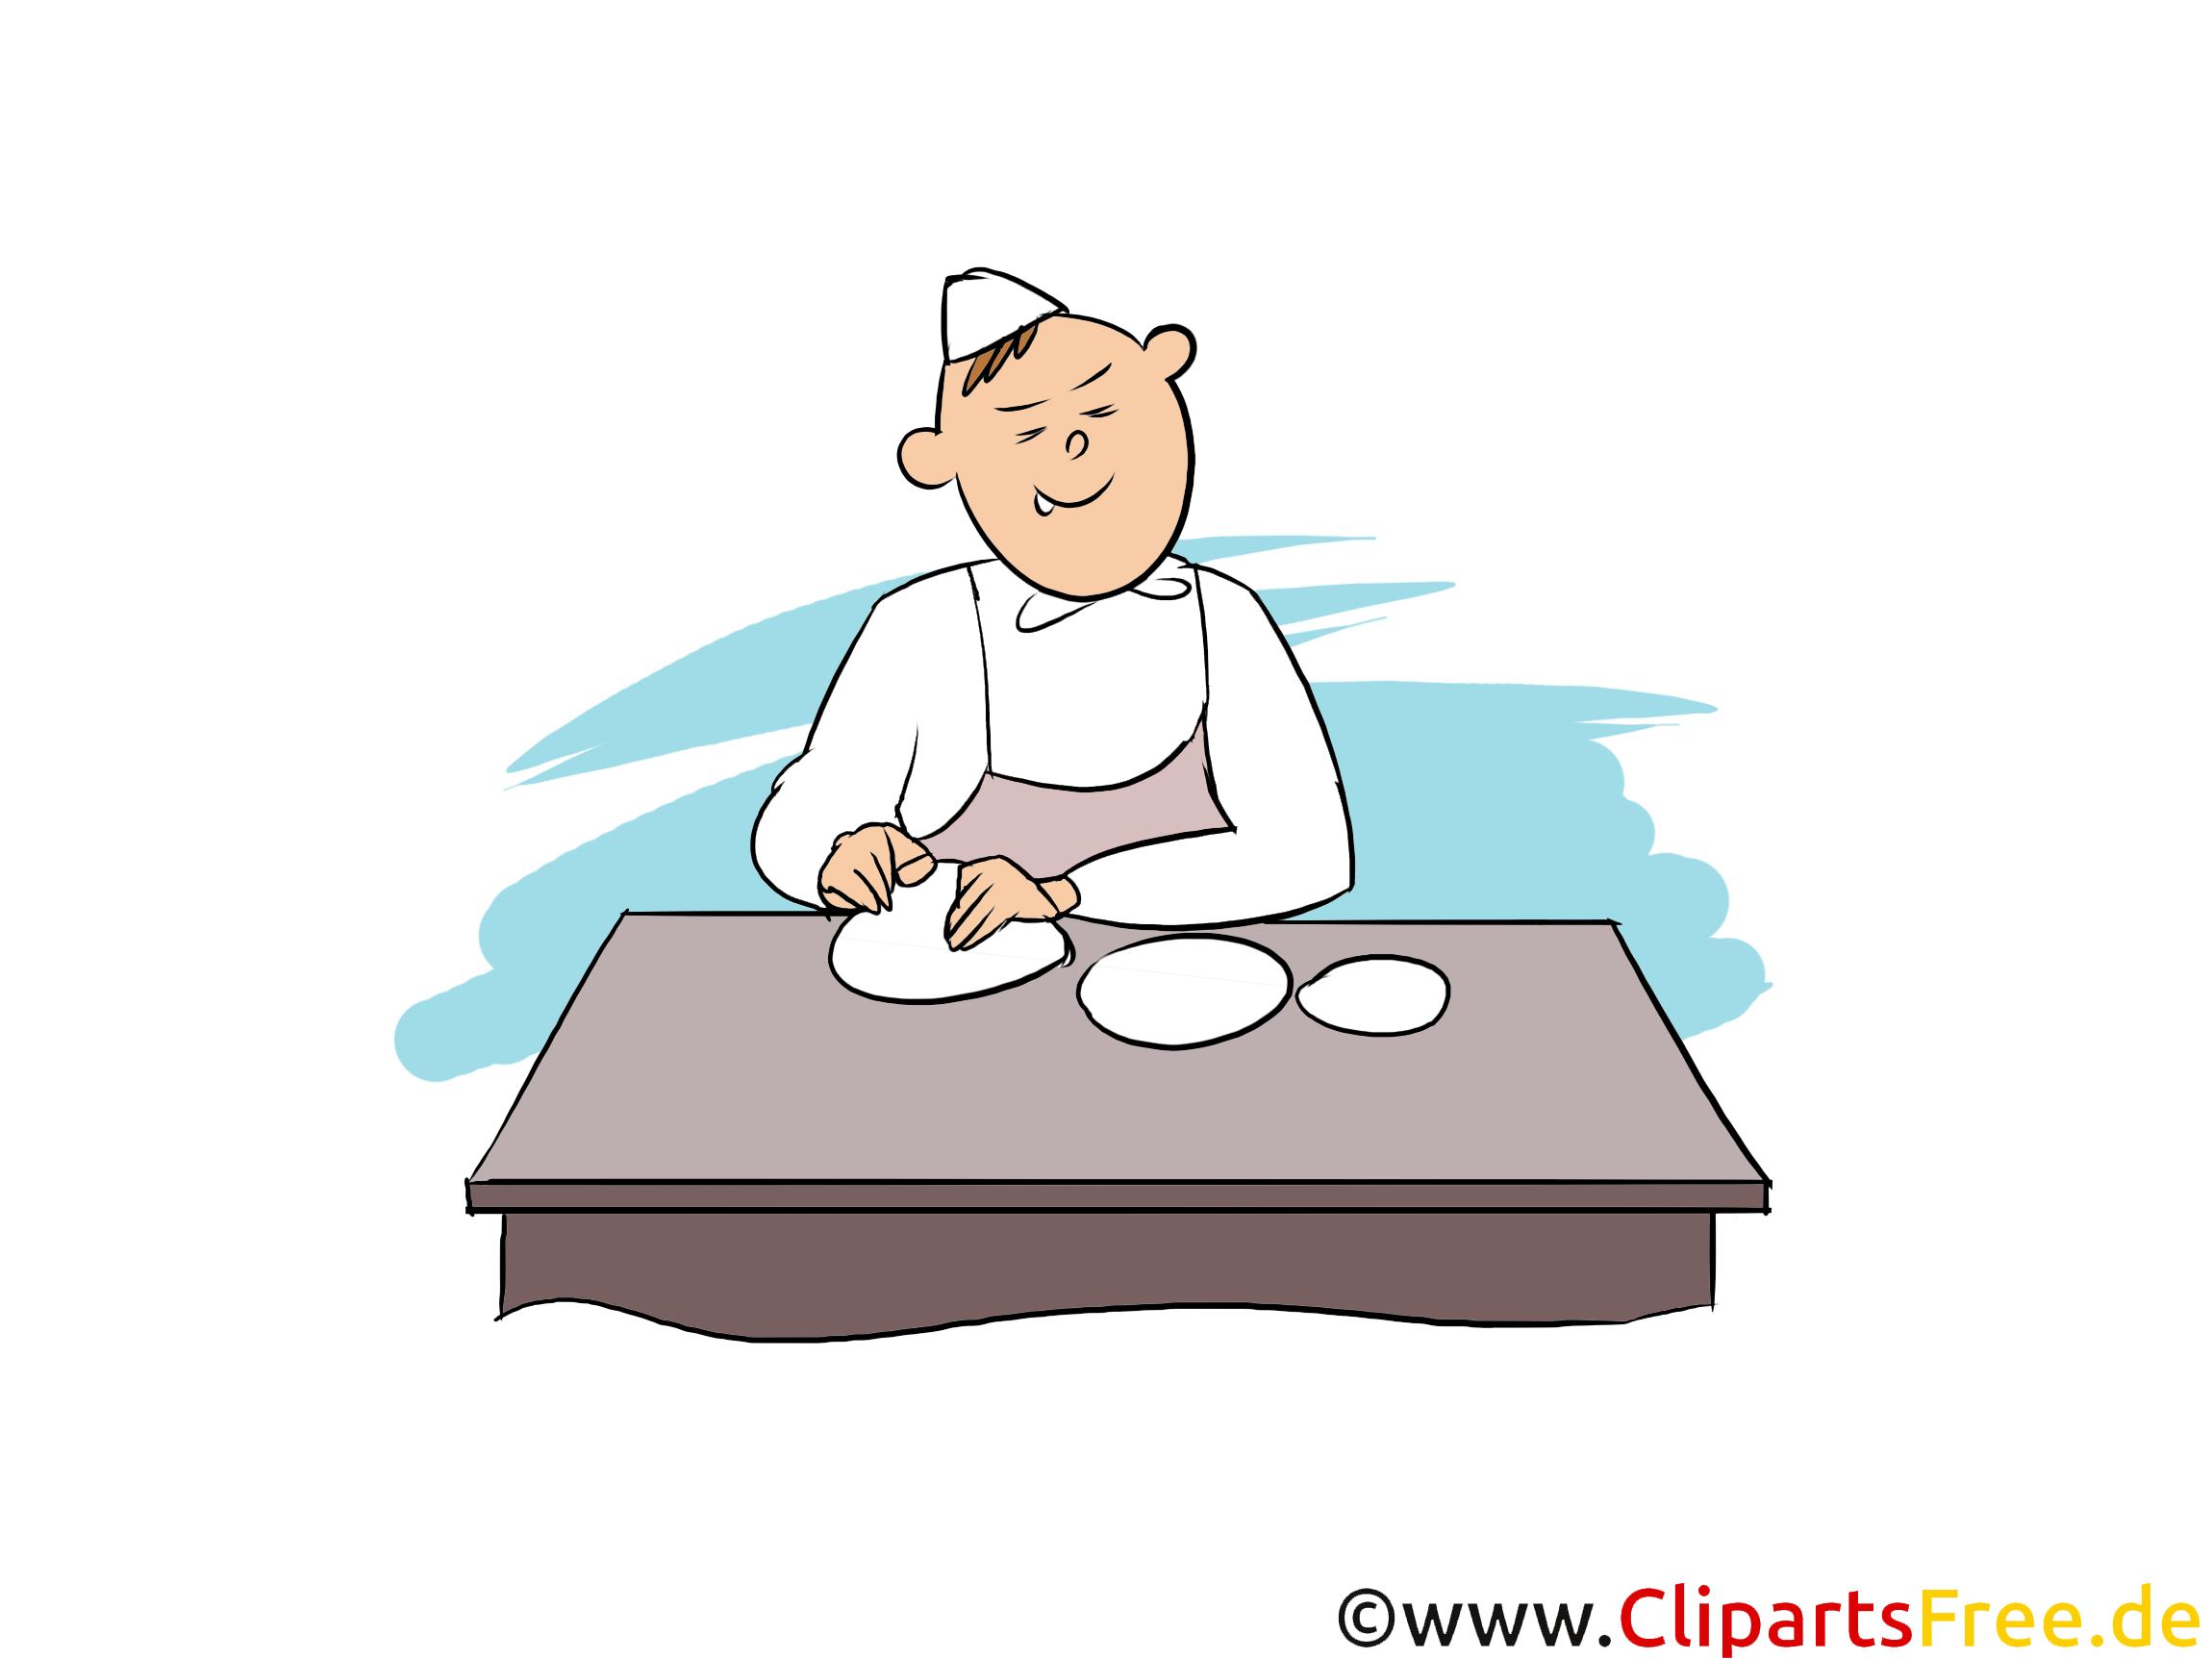 Bäcker Clipart, Bild, Grafik zum Thema Ausbildungsberufe